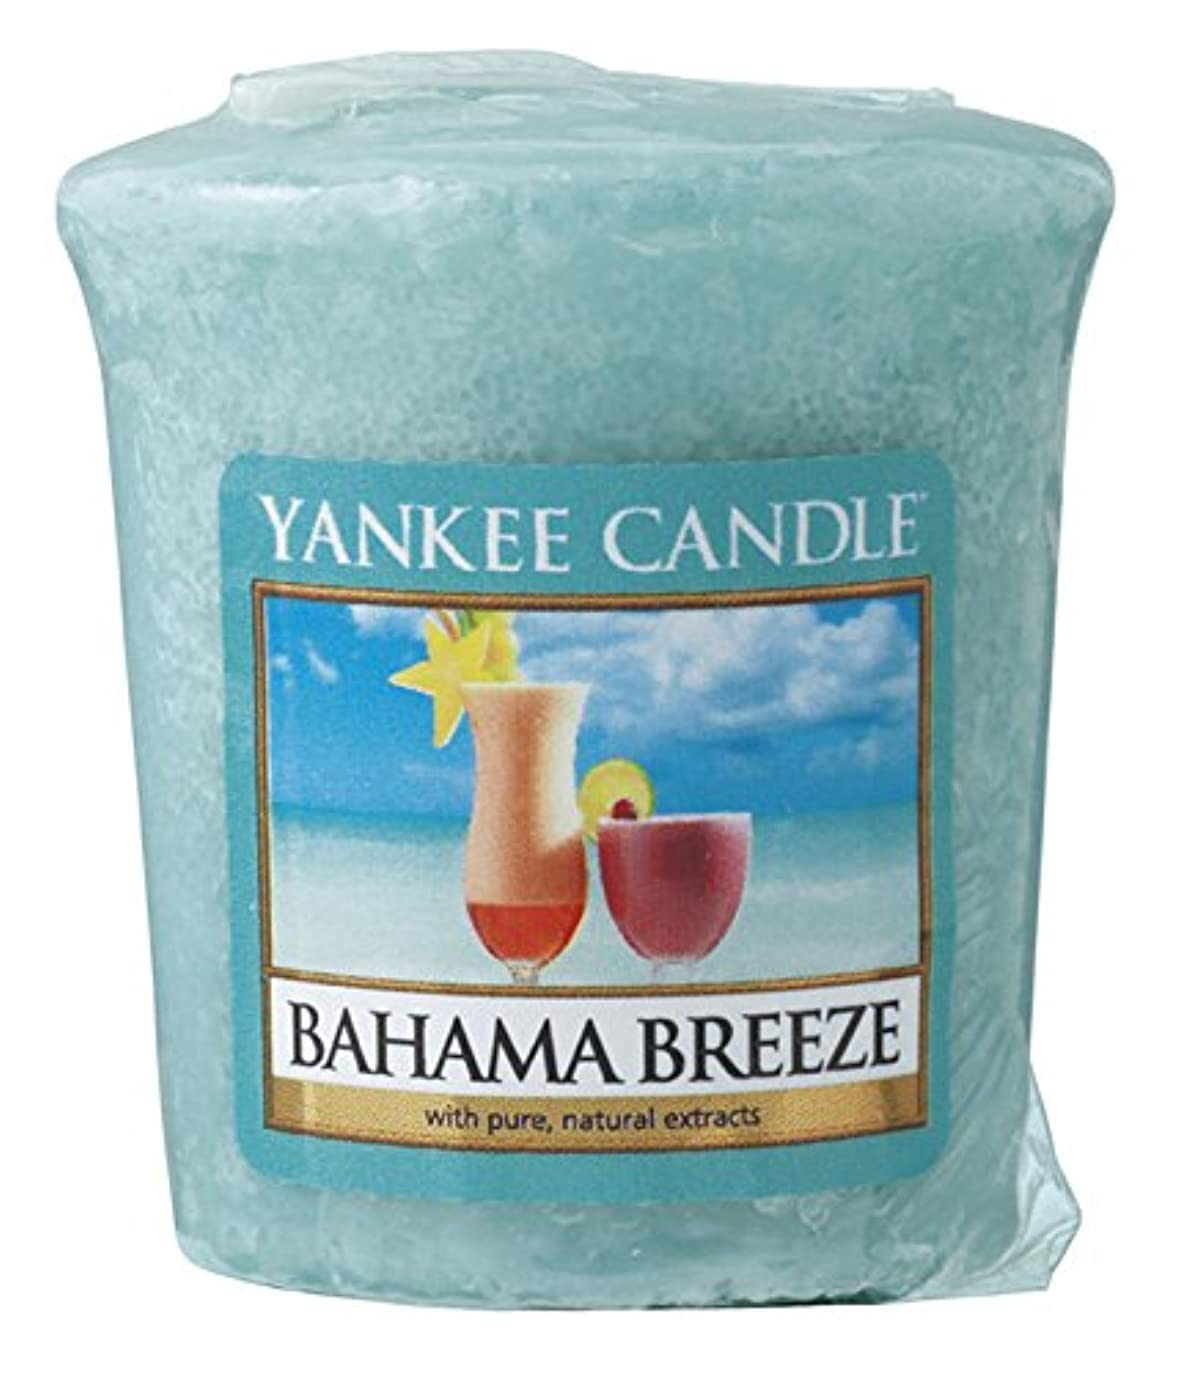 個人的なスプレー熱望するヤンキーキャンドル サンプラー お試しサイズ バハマ 燃焼時間約15時間 YANKEECANDLE アメリカ製